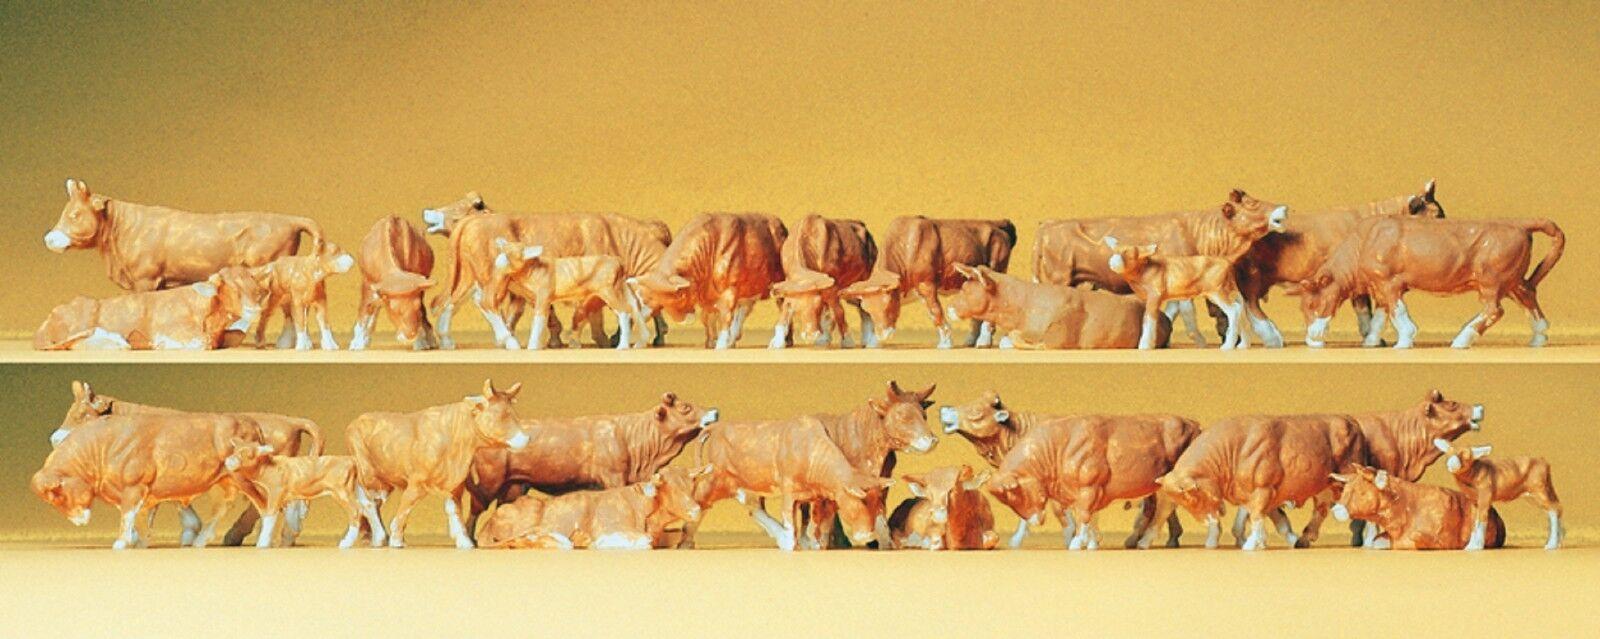 Preiser 14409 H0, Kühe, braun, 30 30 30 Figuren, handbemalt, Neu  | Online Outlet Shop  4d986b